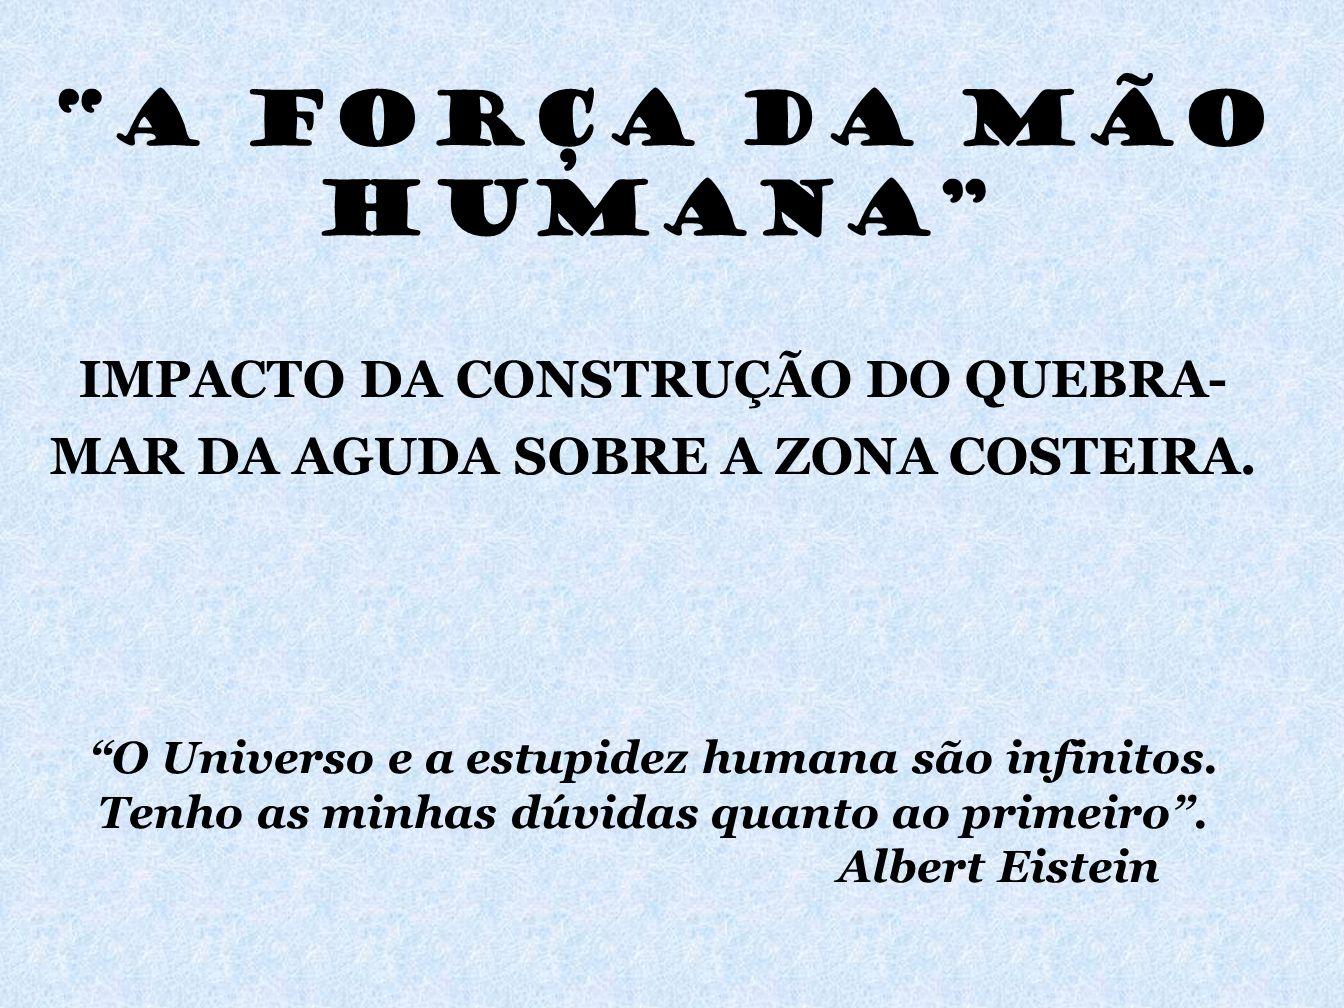 A FORÇA DA MÃO HUMANA IMPACTO DA CONSTRUÇÃO DO QUEBRA-MAR DA AGUDA SOBRE A ZONA COSTEIRA.